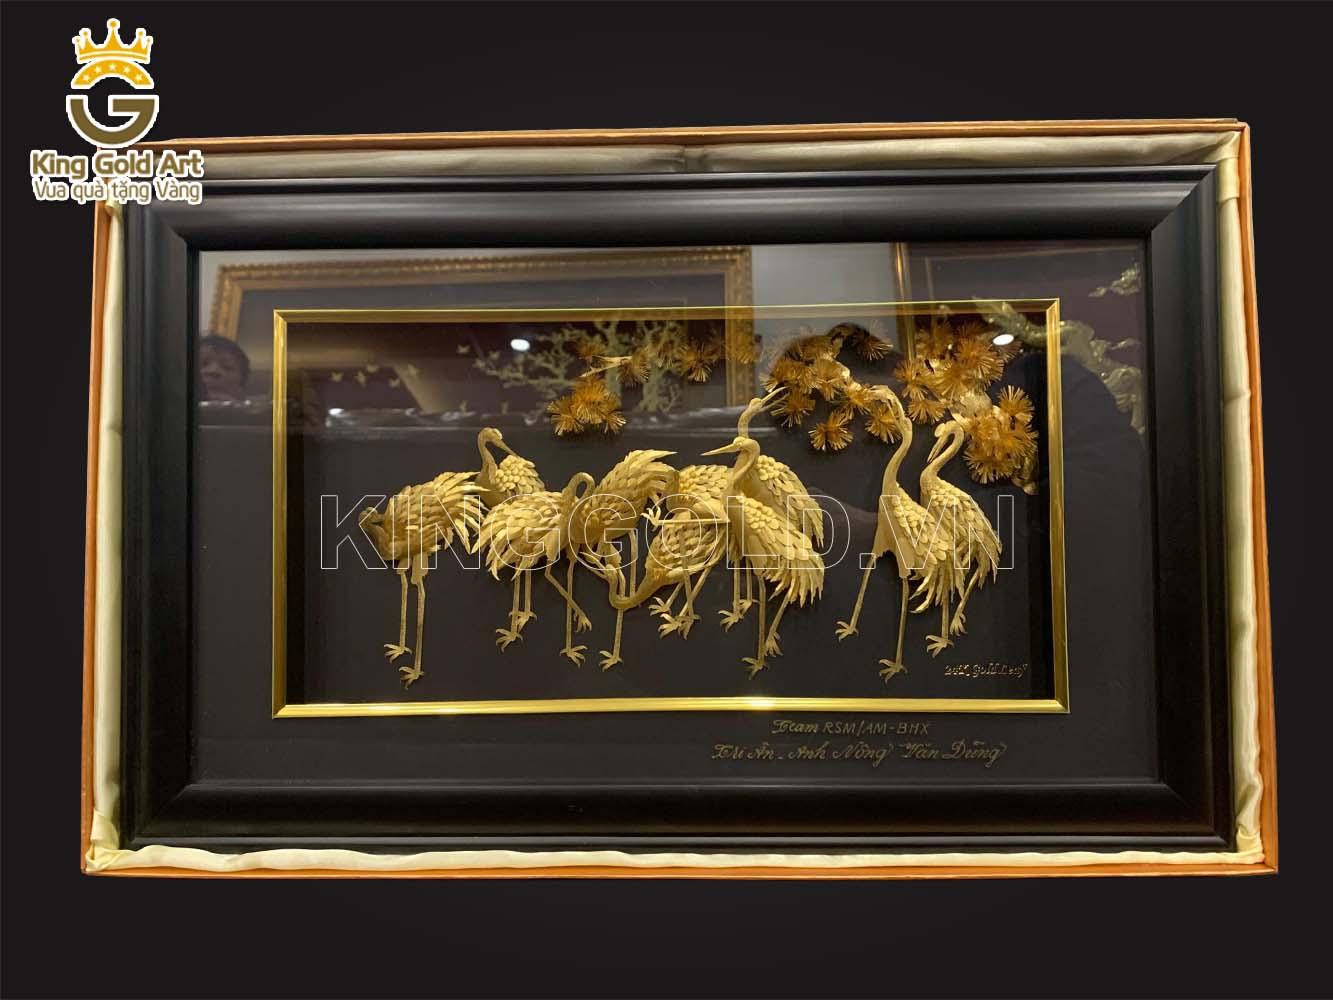 Tranh tùng hạc bằng vàng